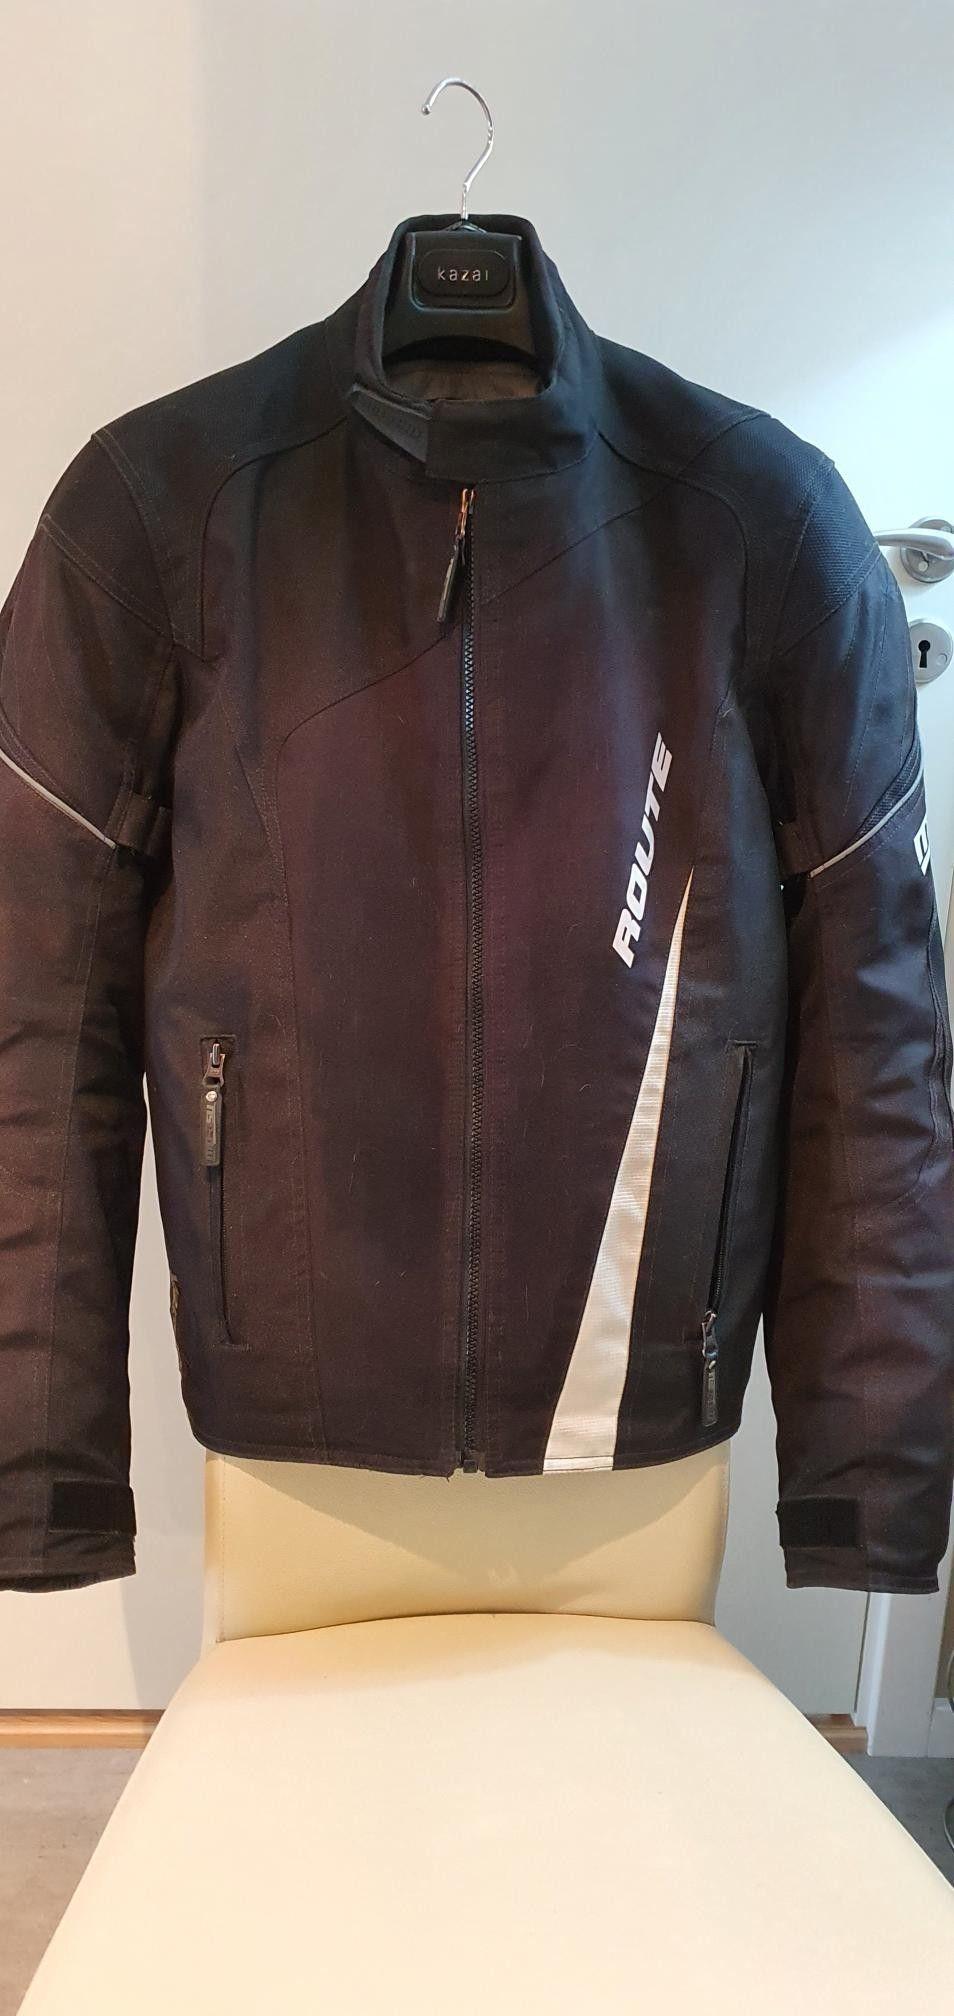 Lite brukt MC jakke og ryggskinne | FINN.no